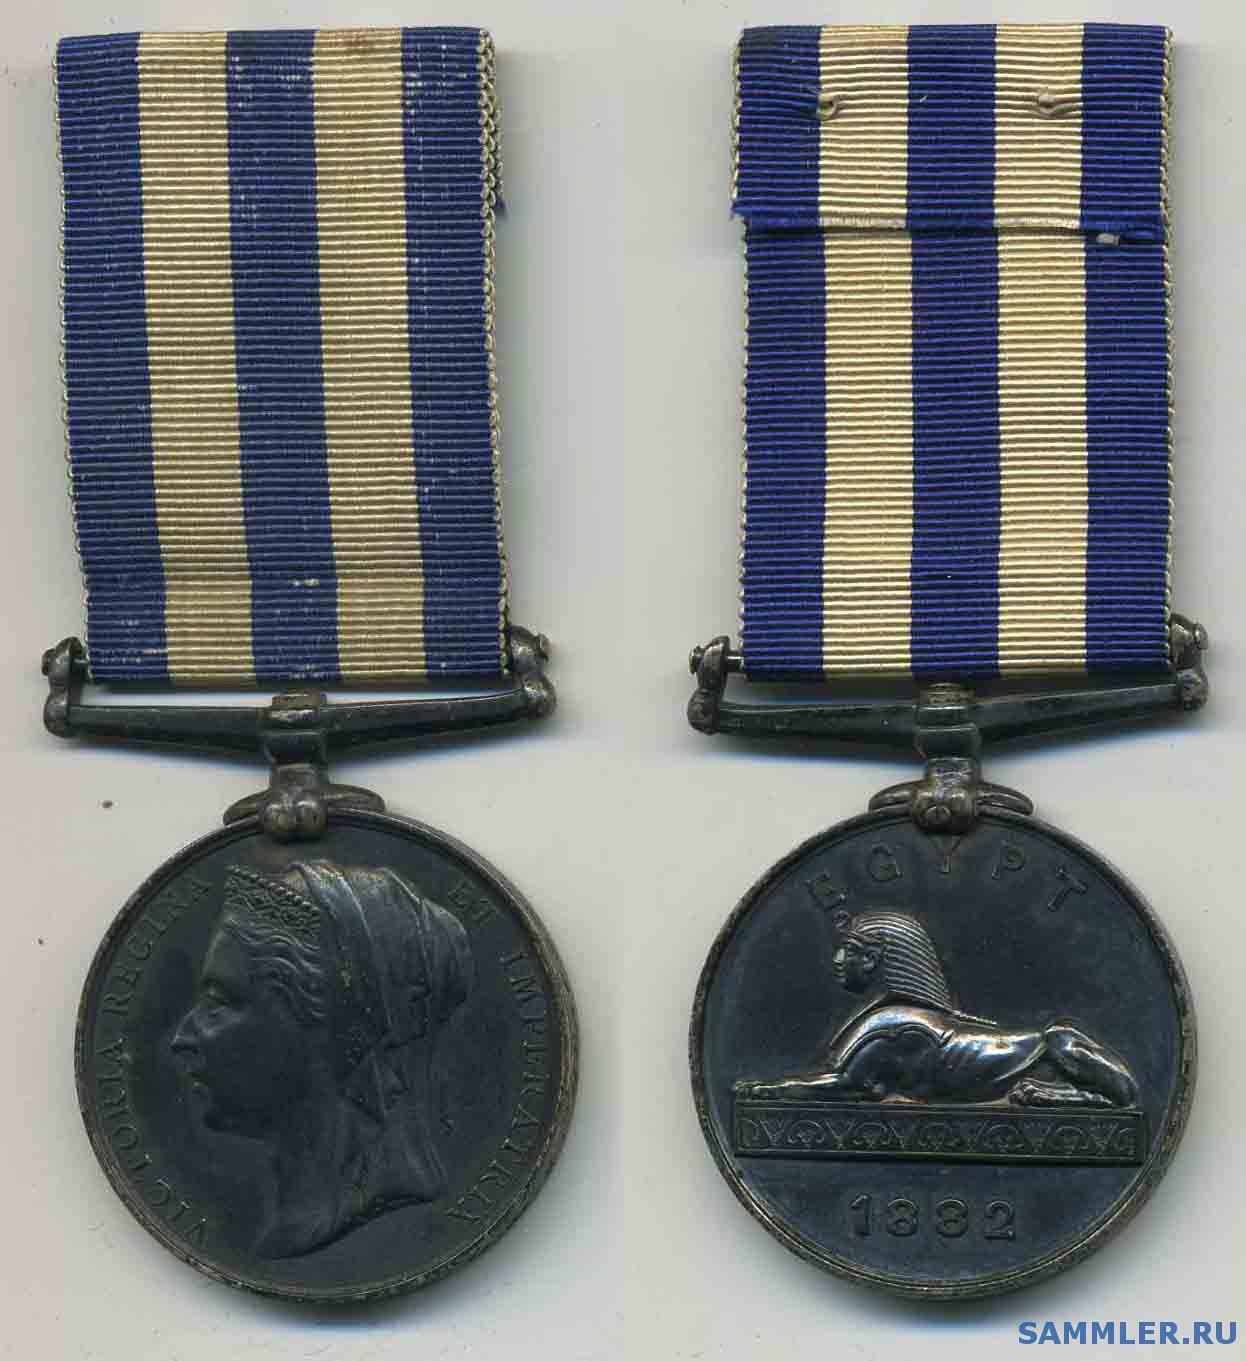 Egypt_Medal_1882.jpg